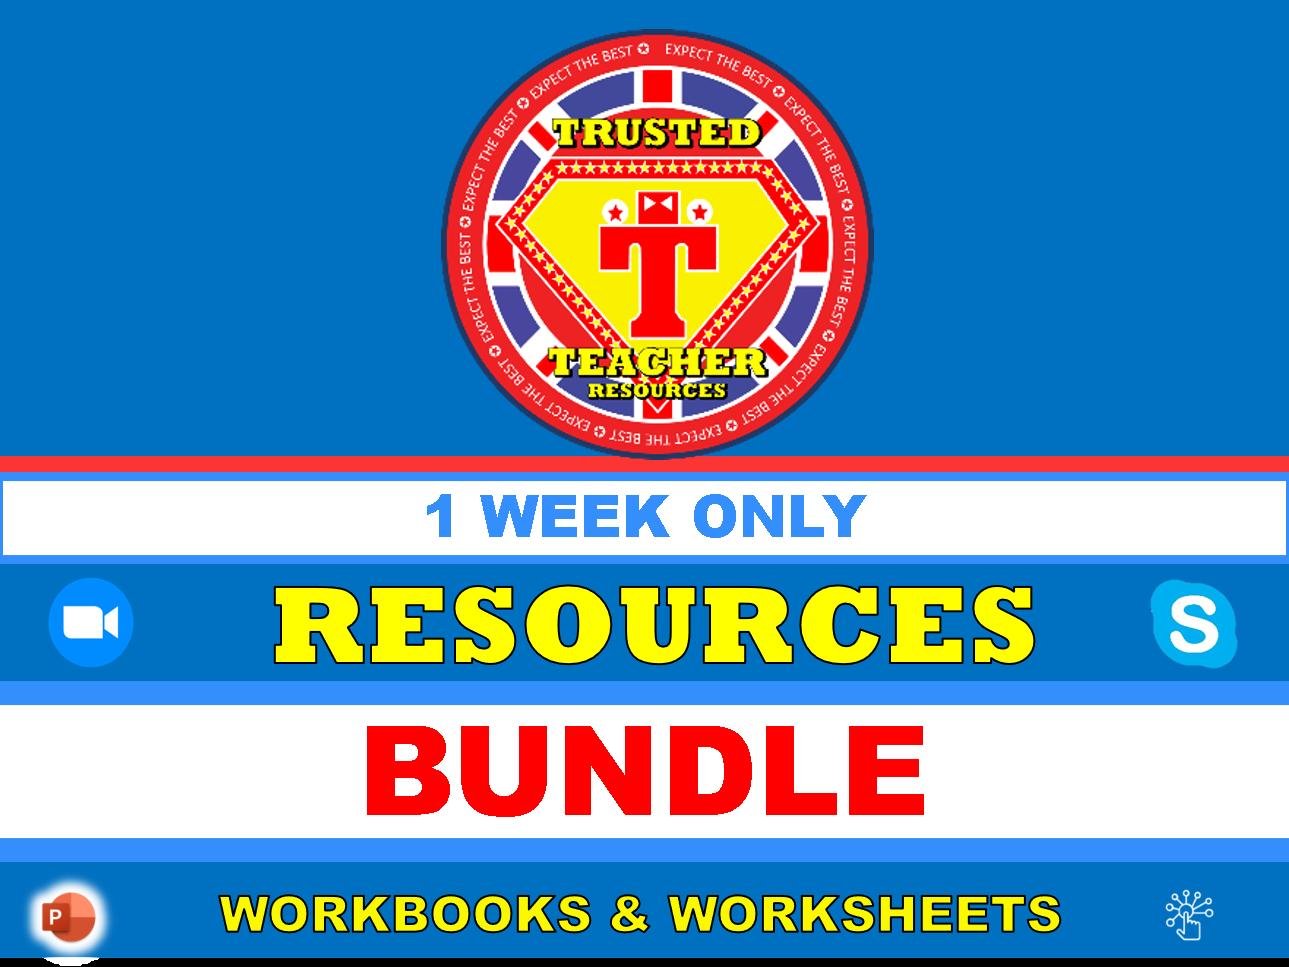 1 WEEK ONLY Workbooks & Worksheets Resource Bundle